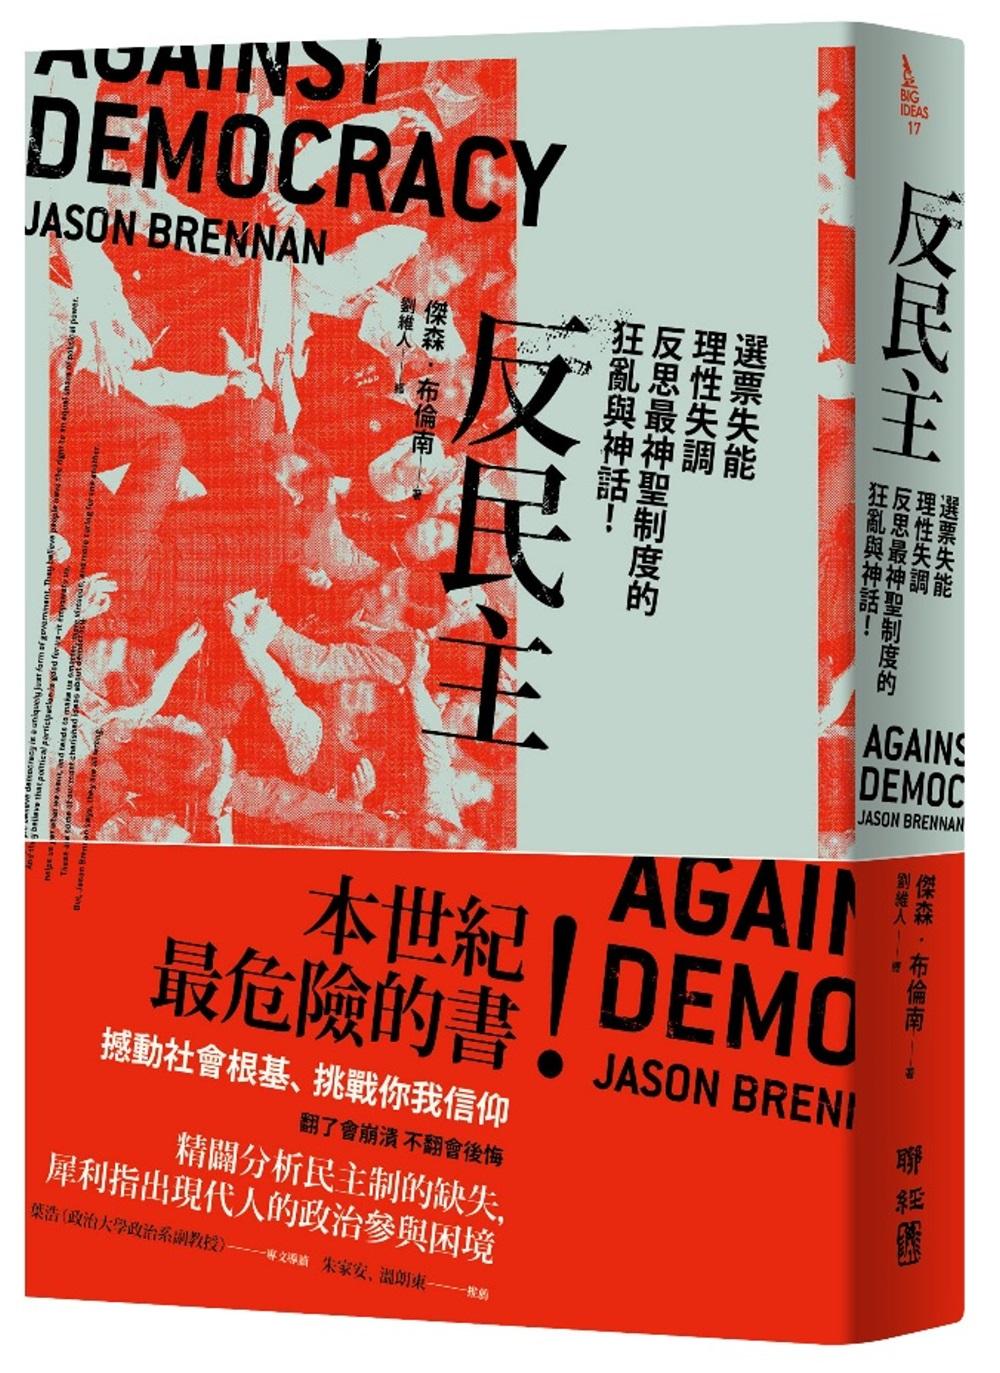 反民主:選票失能、理性失調,反思最神聖制度的狂亂與神話!(限量作者親筆簽名版)